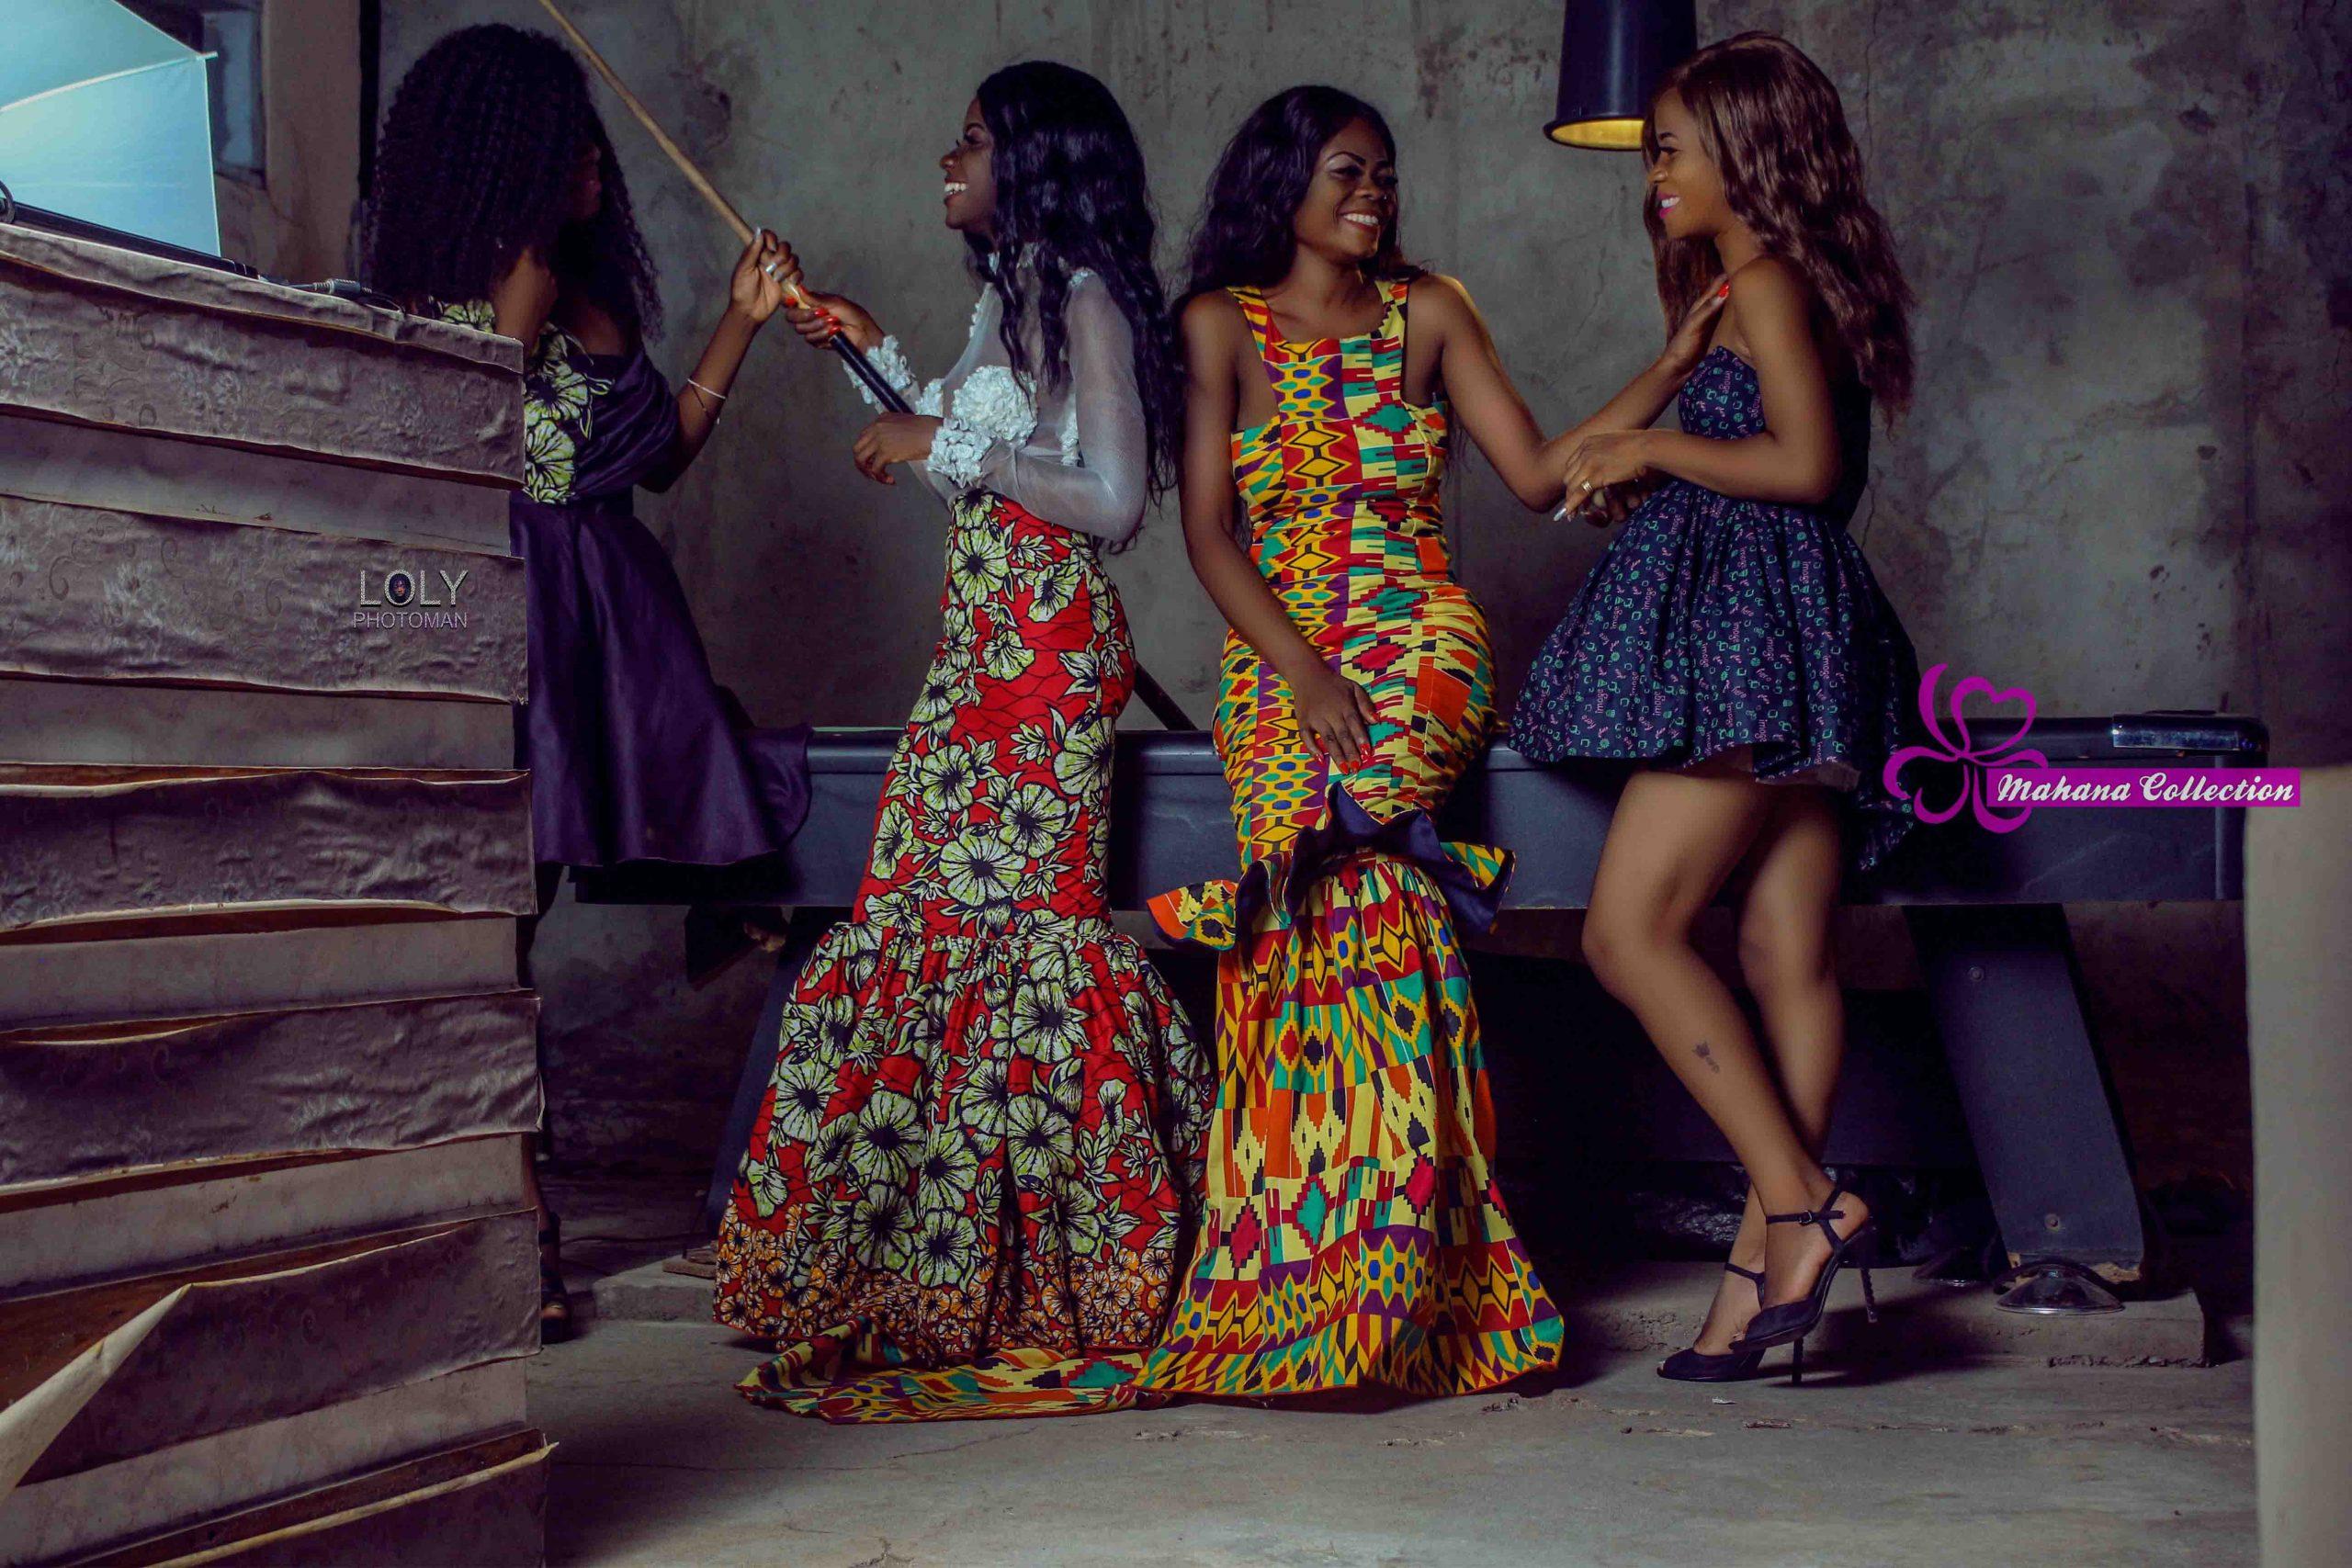 Ocean's News - Ocean's News - Mahana Collection : (En images) la collection Passion de la maison de mode basée à Lomé